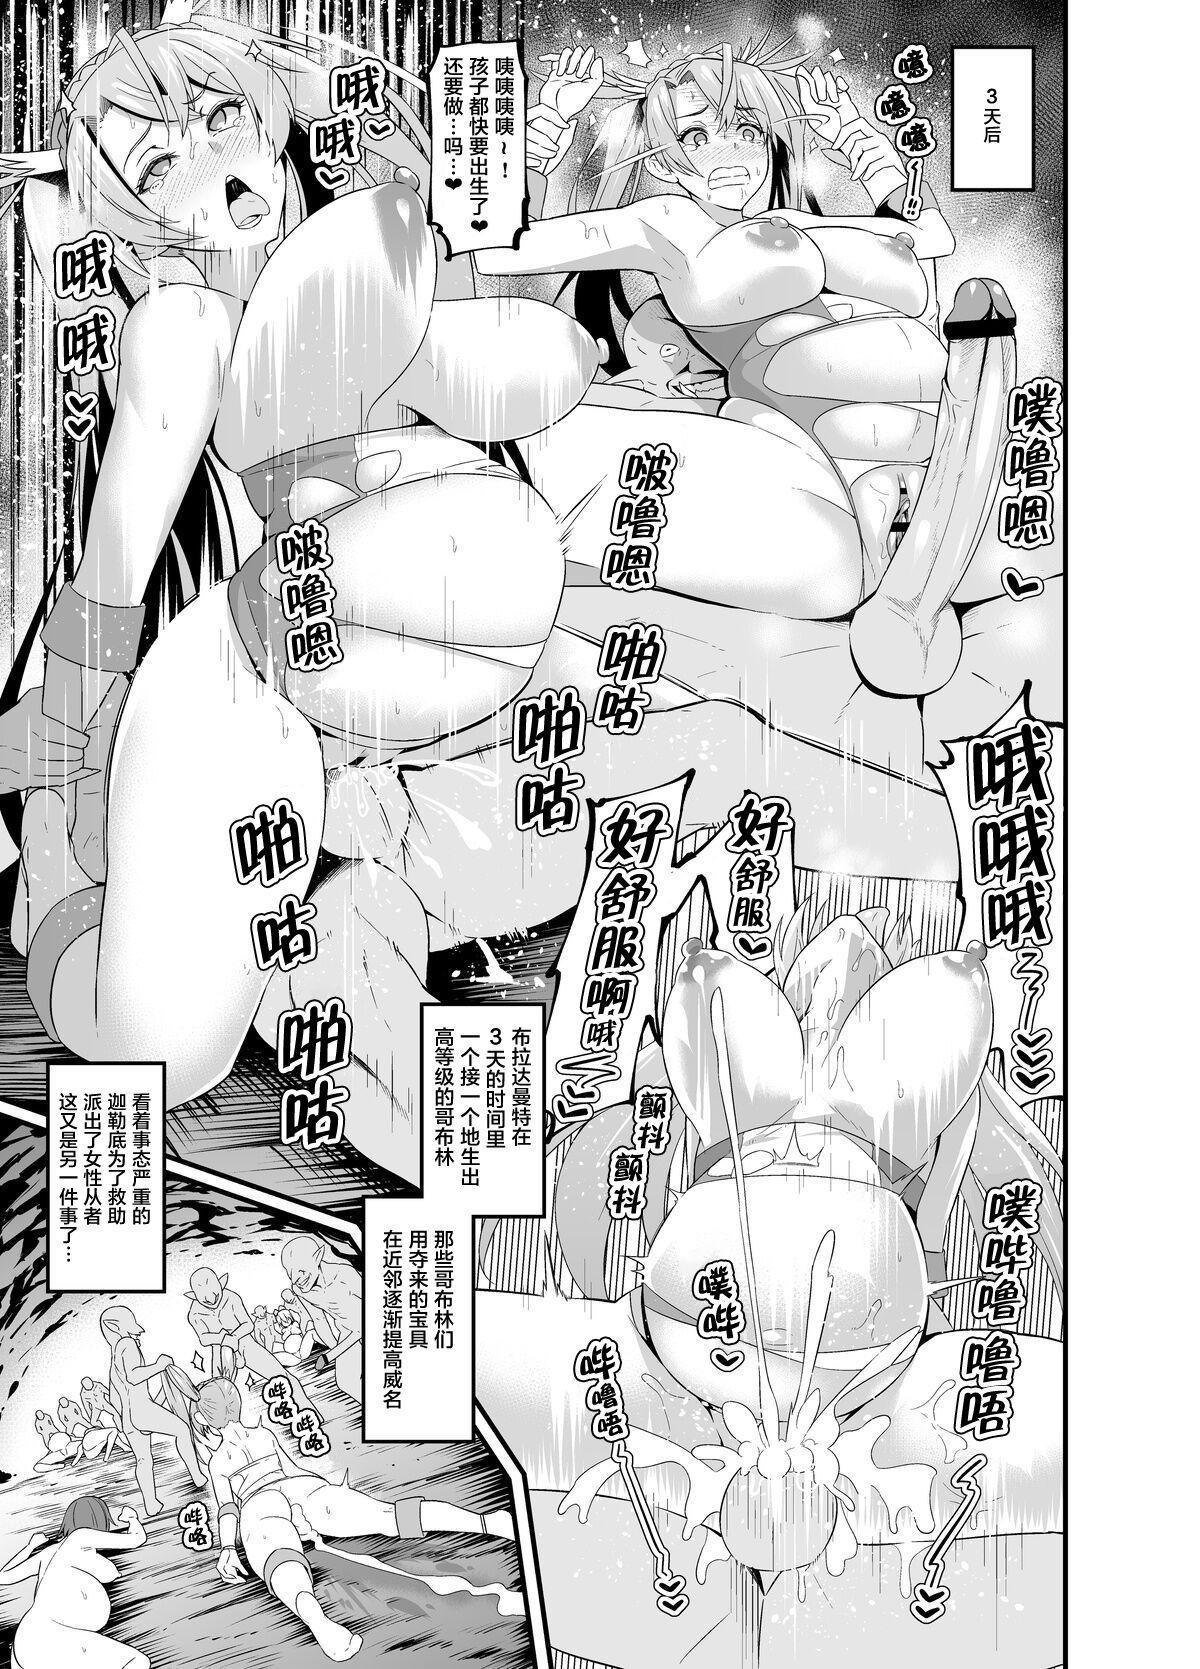 Mini Ero Manga 10